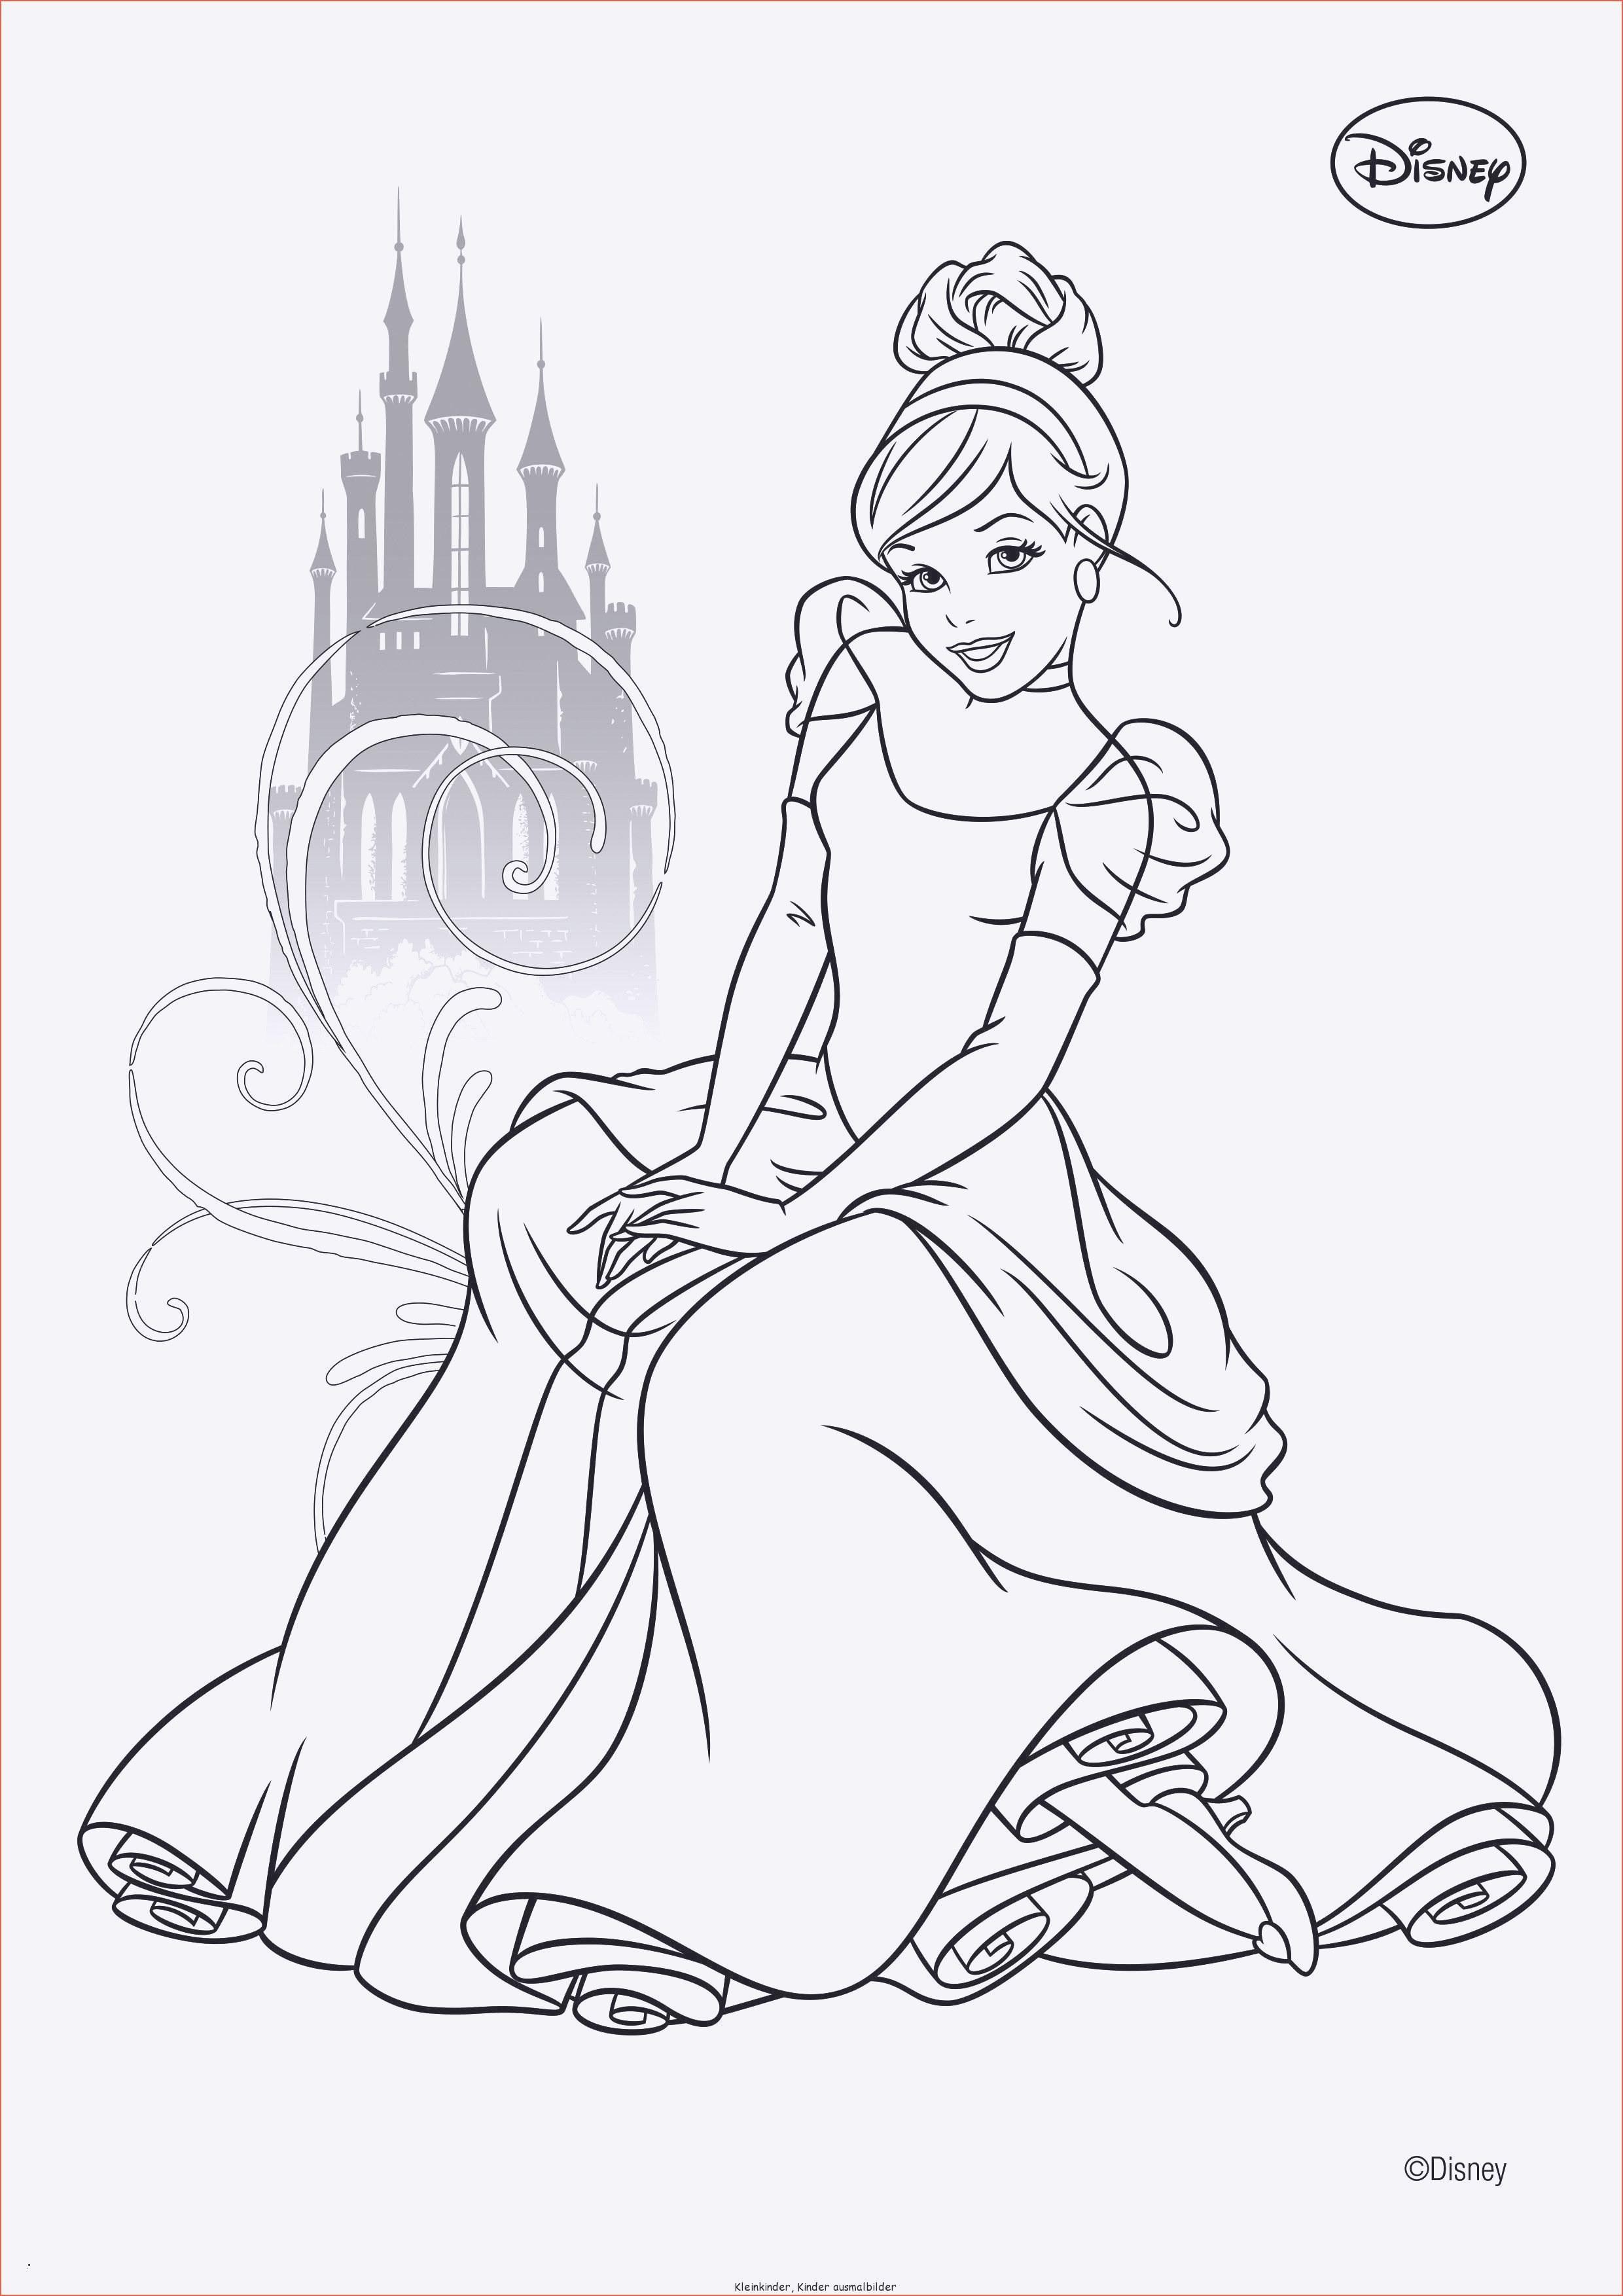 Disney Prinzessinnen Malvorlagen Einzigartig 48 Schöpfung Ausmalbilder Prinzessin Elsa Treehouse Nyc Stock